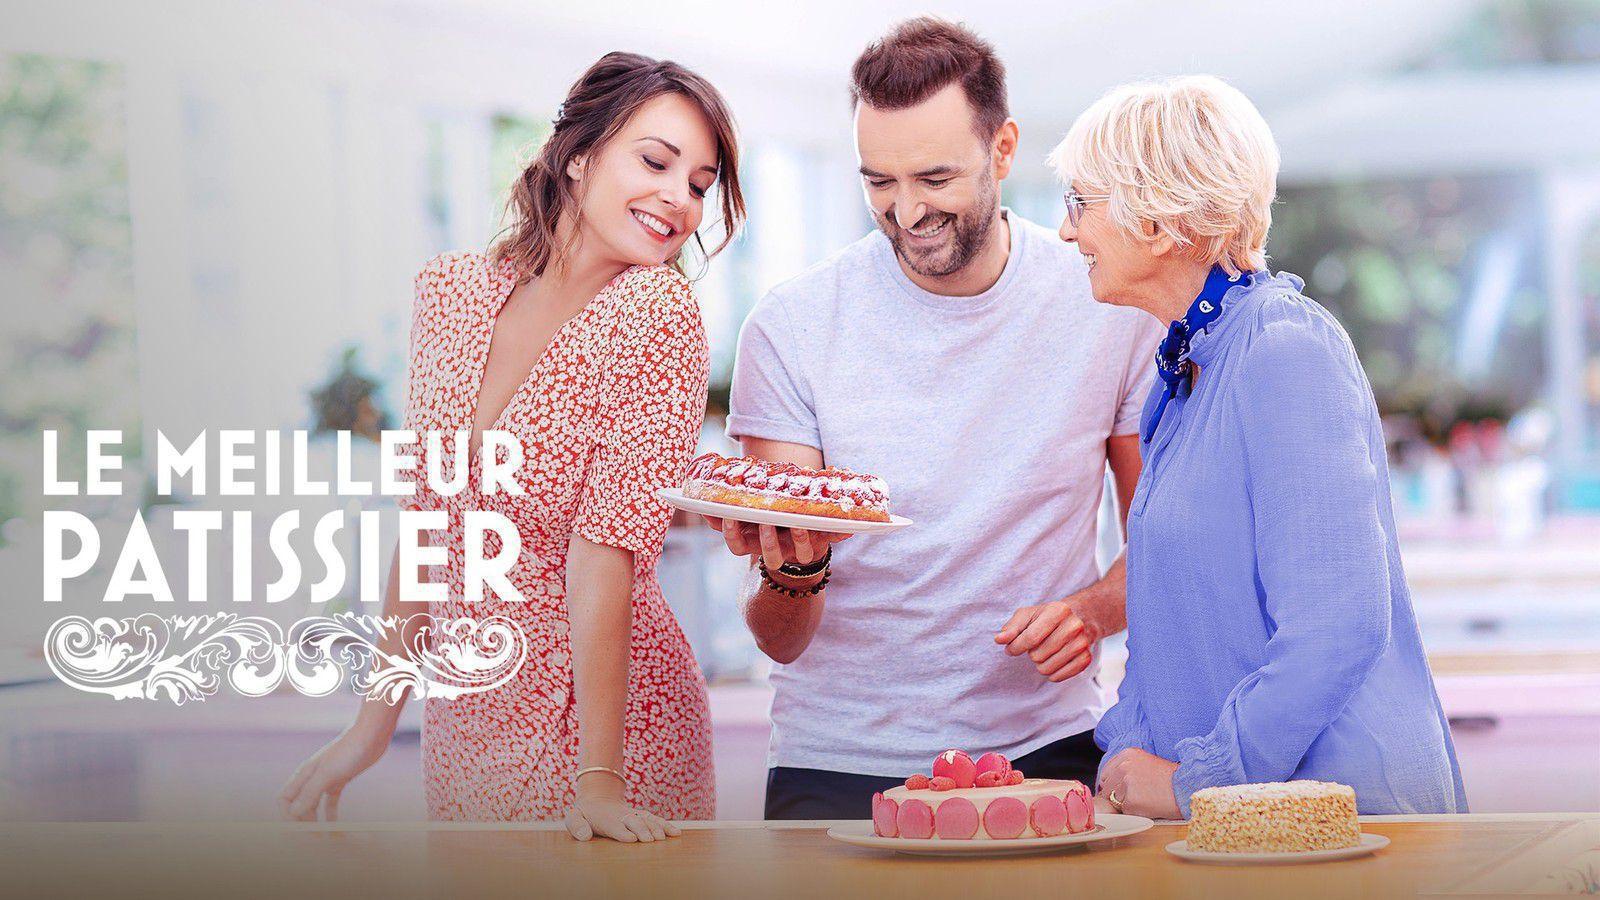 """""""Riche comme Crémus"""" pour la neuvième soirée de la saison 9 du """"Meilleur Pâtissier"""" ce soir sur M6"""